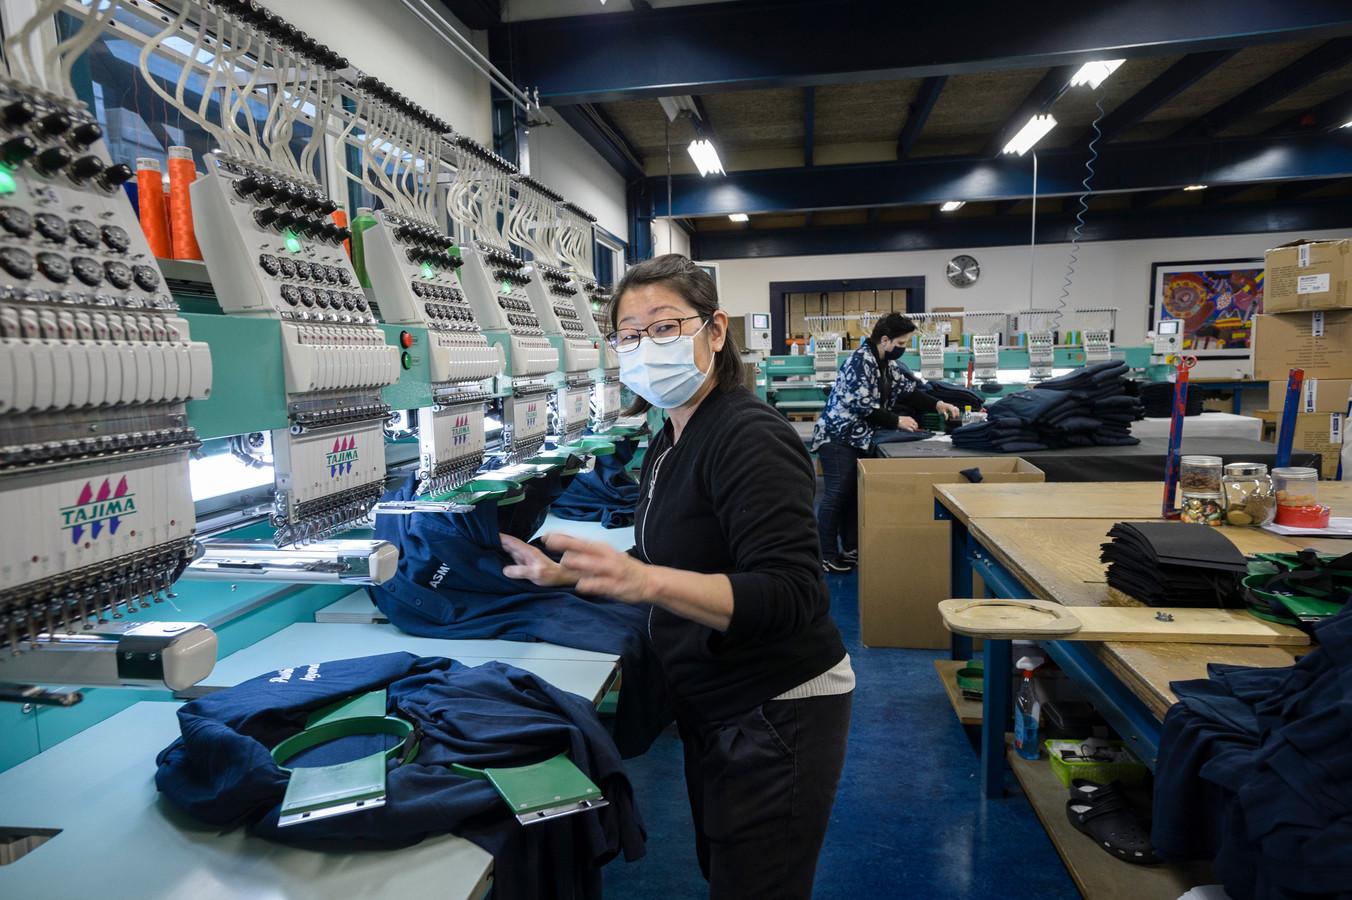 Burduurwerkzaamheden van caps en ander textiel bij  Buttonboss Reulver in Enschede.